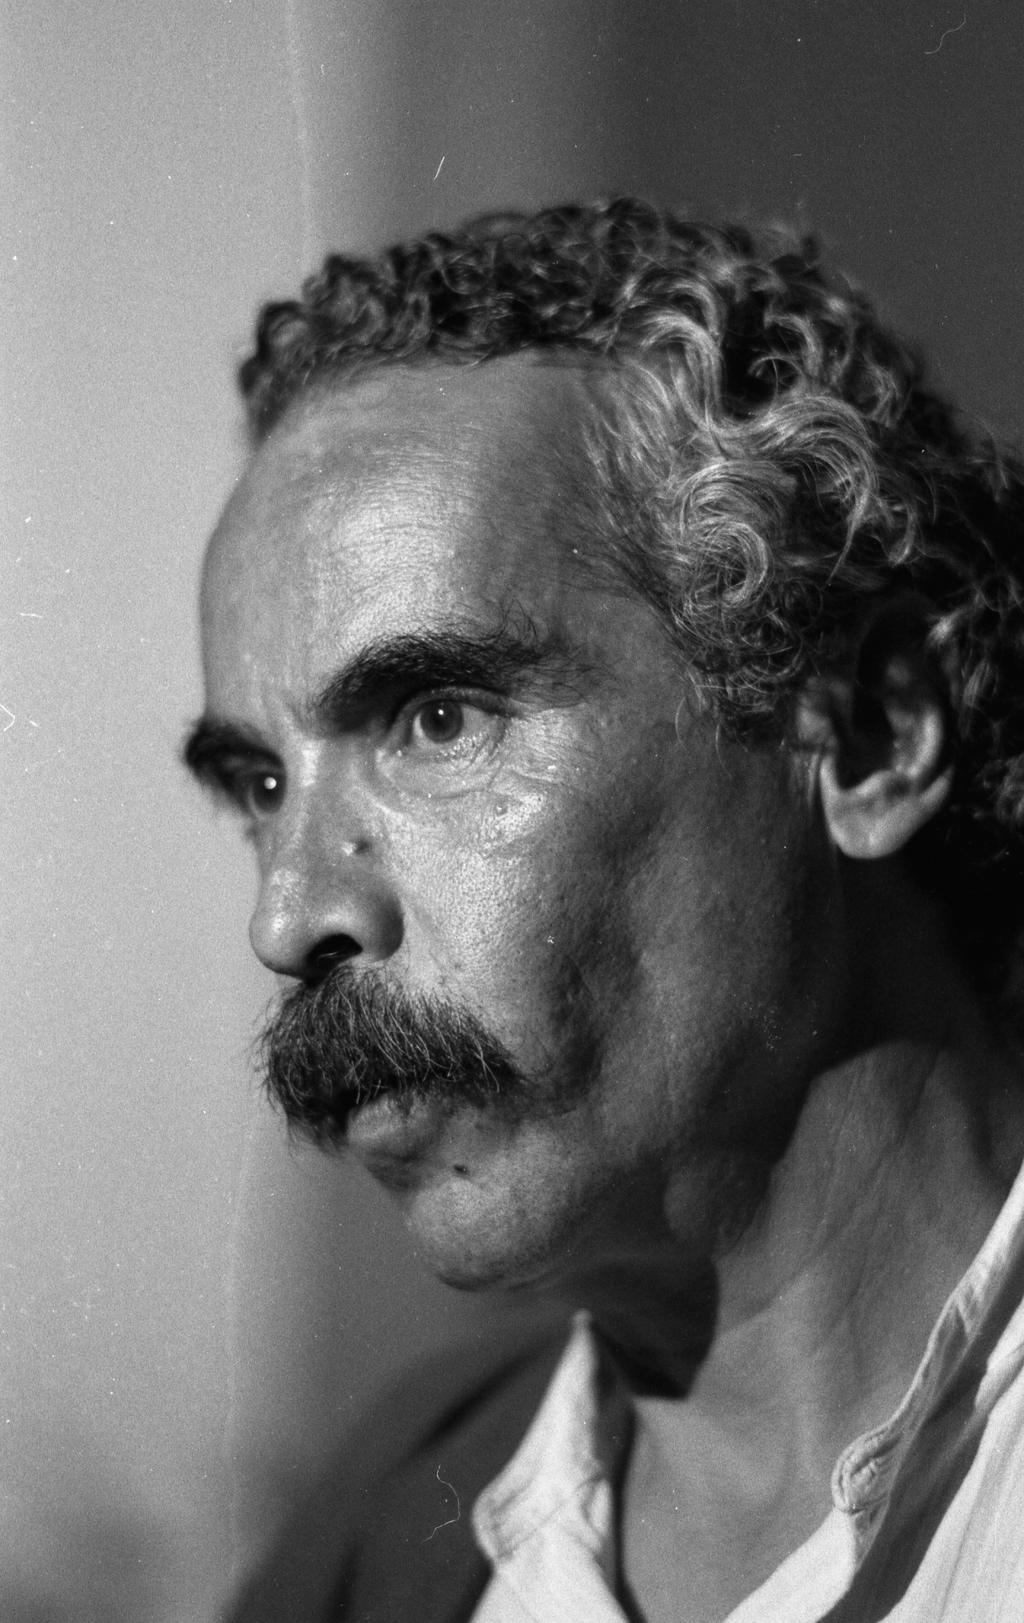 Acevedo Mendoza estudió cine y se instruyó en las técnicas de la fotografía, a la que dedicó su vida. Formó parte de una nueva generación de periodistas y fotógrafos que se unieron a Nacho López y Héctor García en el periodo posterior al movimiento estudiantil de 1968. (ARCHIVO)